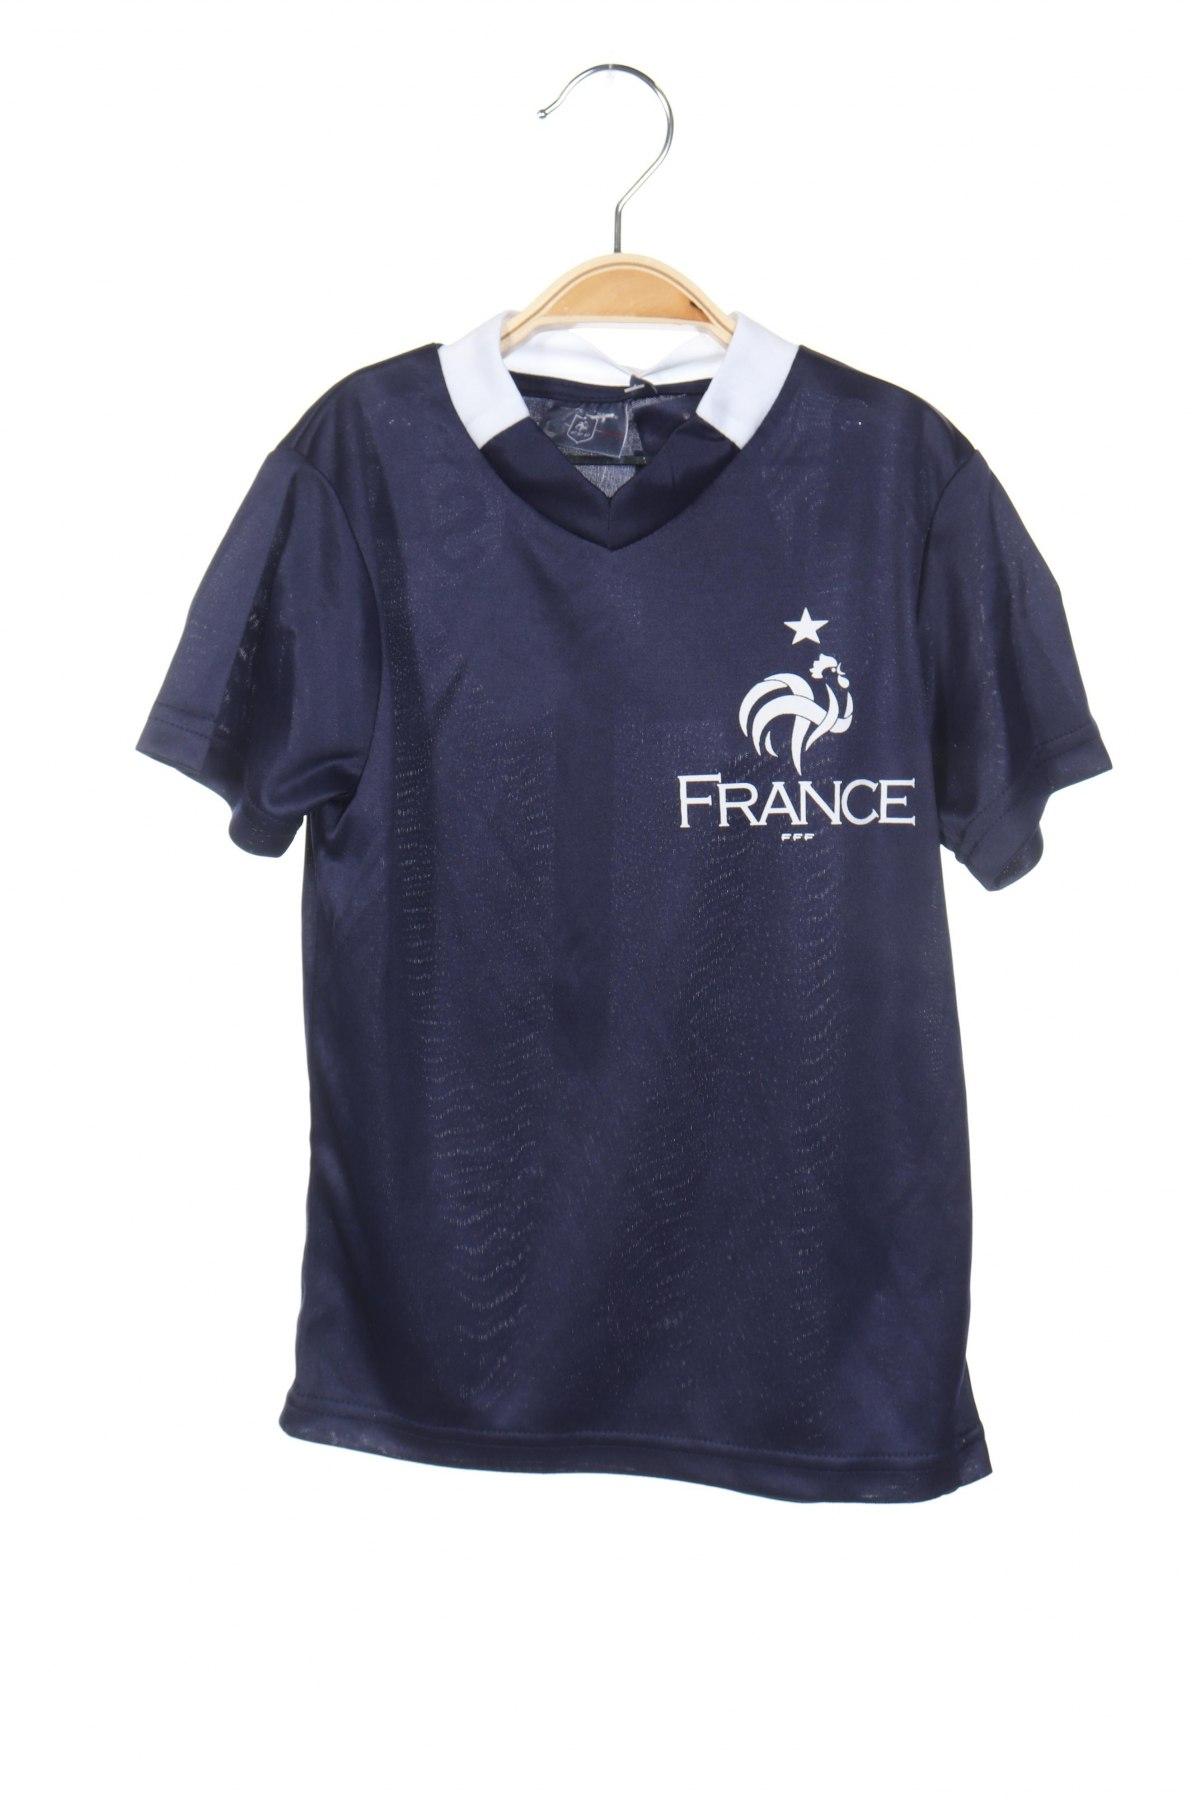 Παιδικό μπλουζάκι FFF France, Μέγεθος 3-4y/ 104-110 εκ., Χρώμα Μπλέ, Πολυεστέρας, Τιμή 3,79€